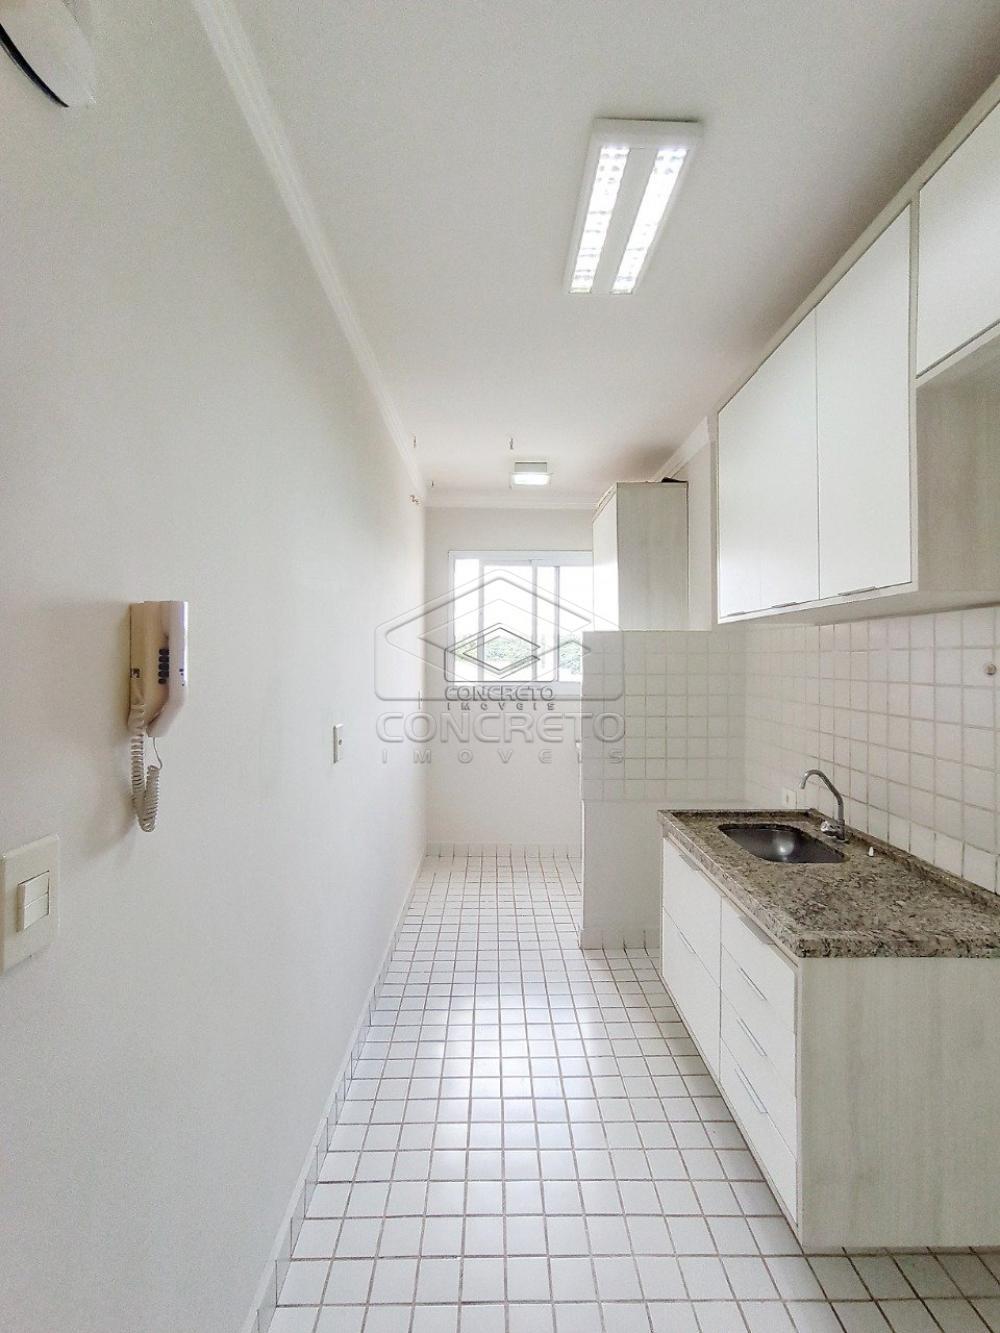 Alugar Apartamento / Padrão em Bauru R$ 800,00 - Foto 4